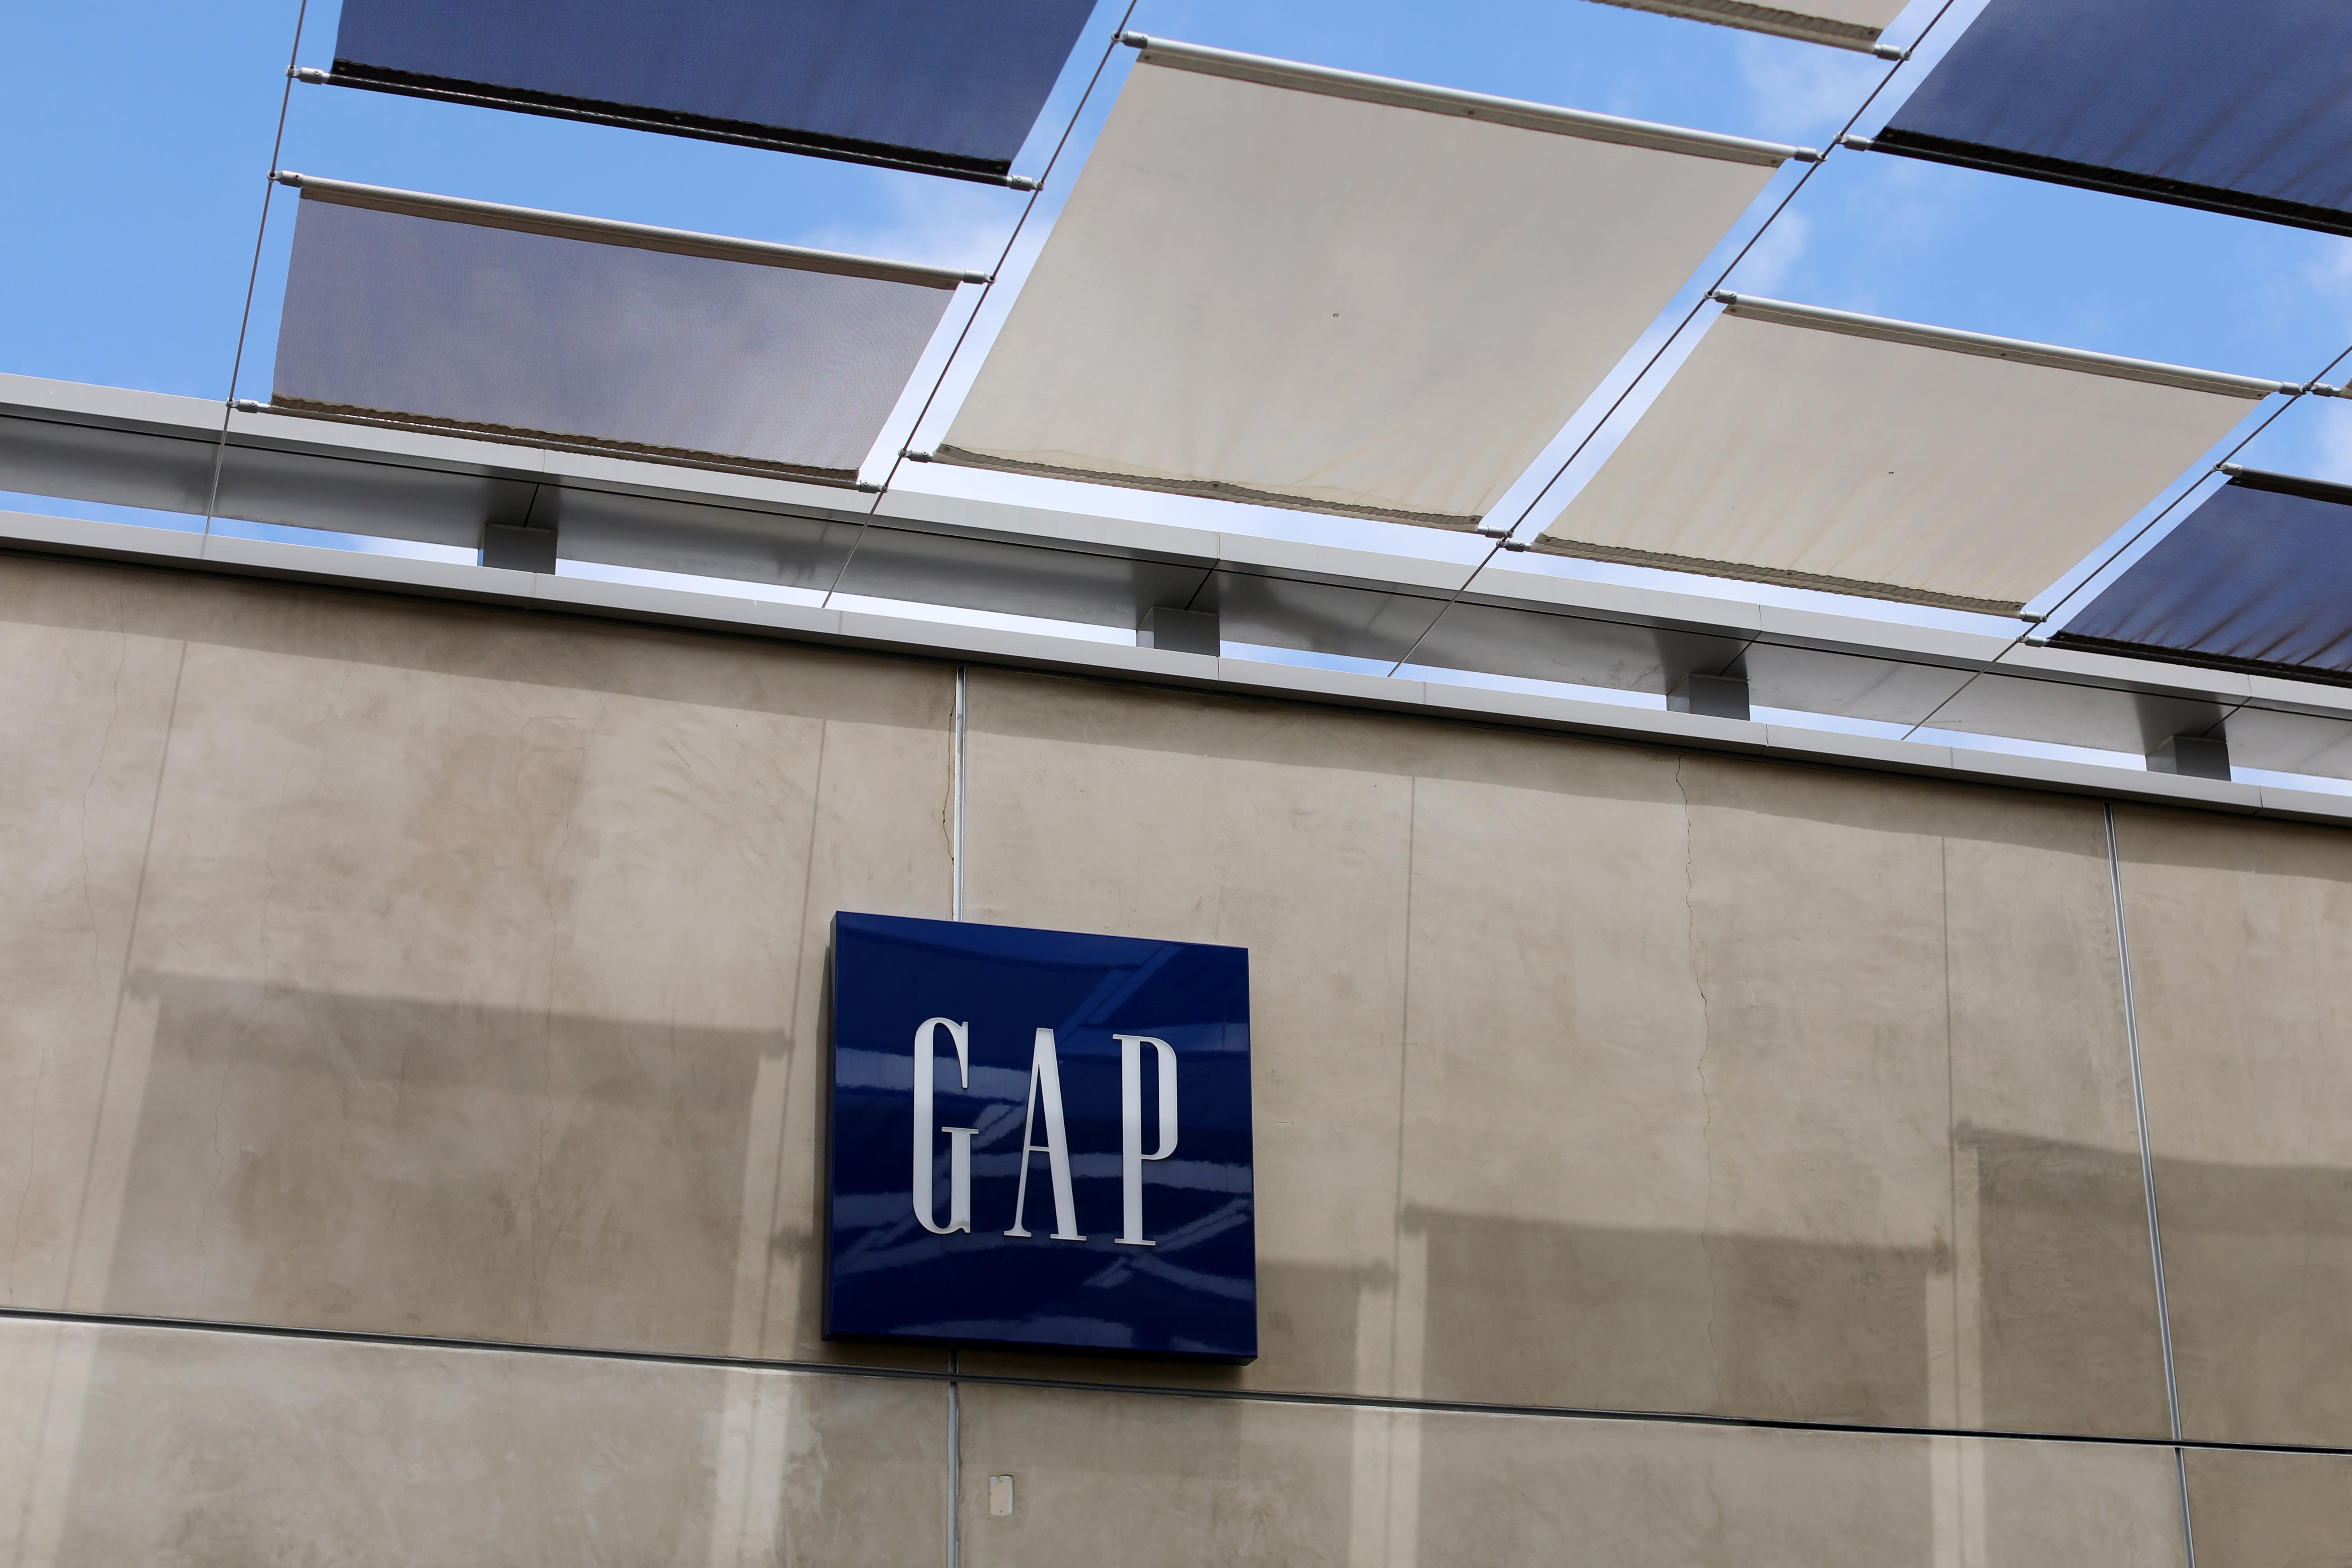 Gap has a big new problem on its hands